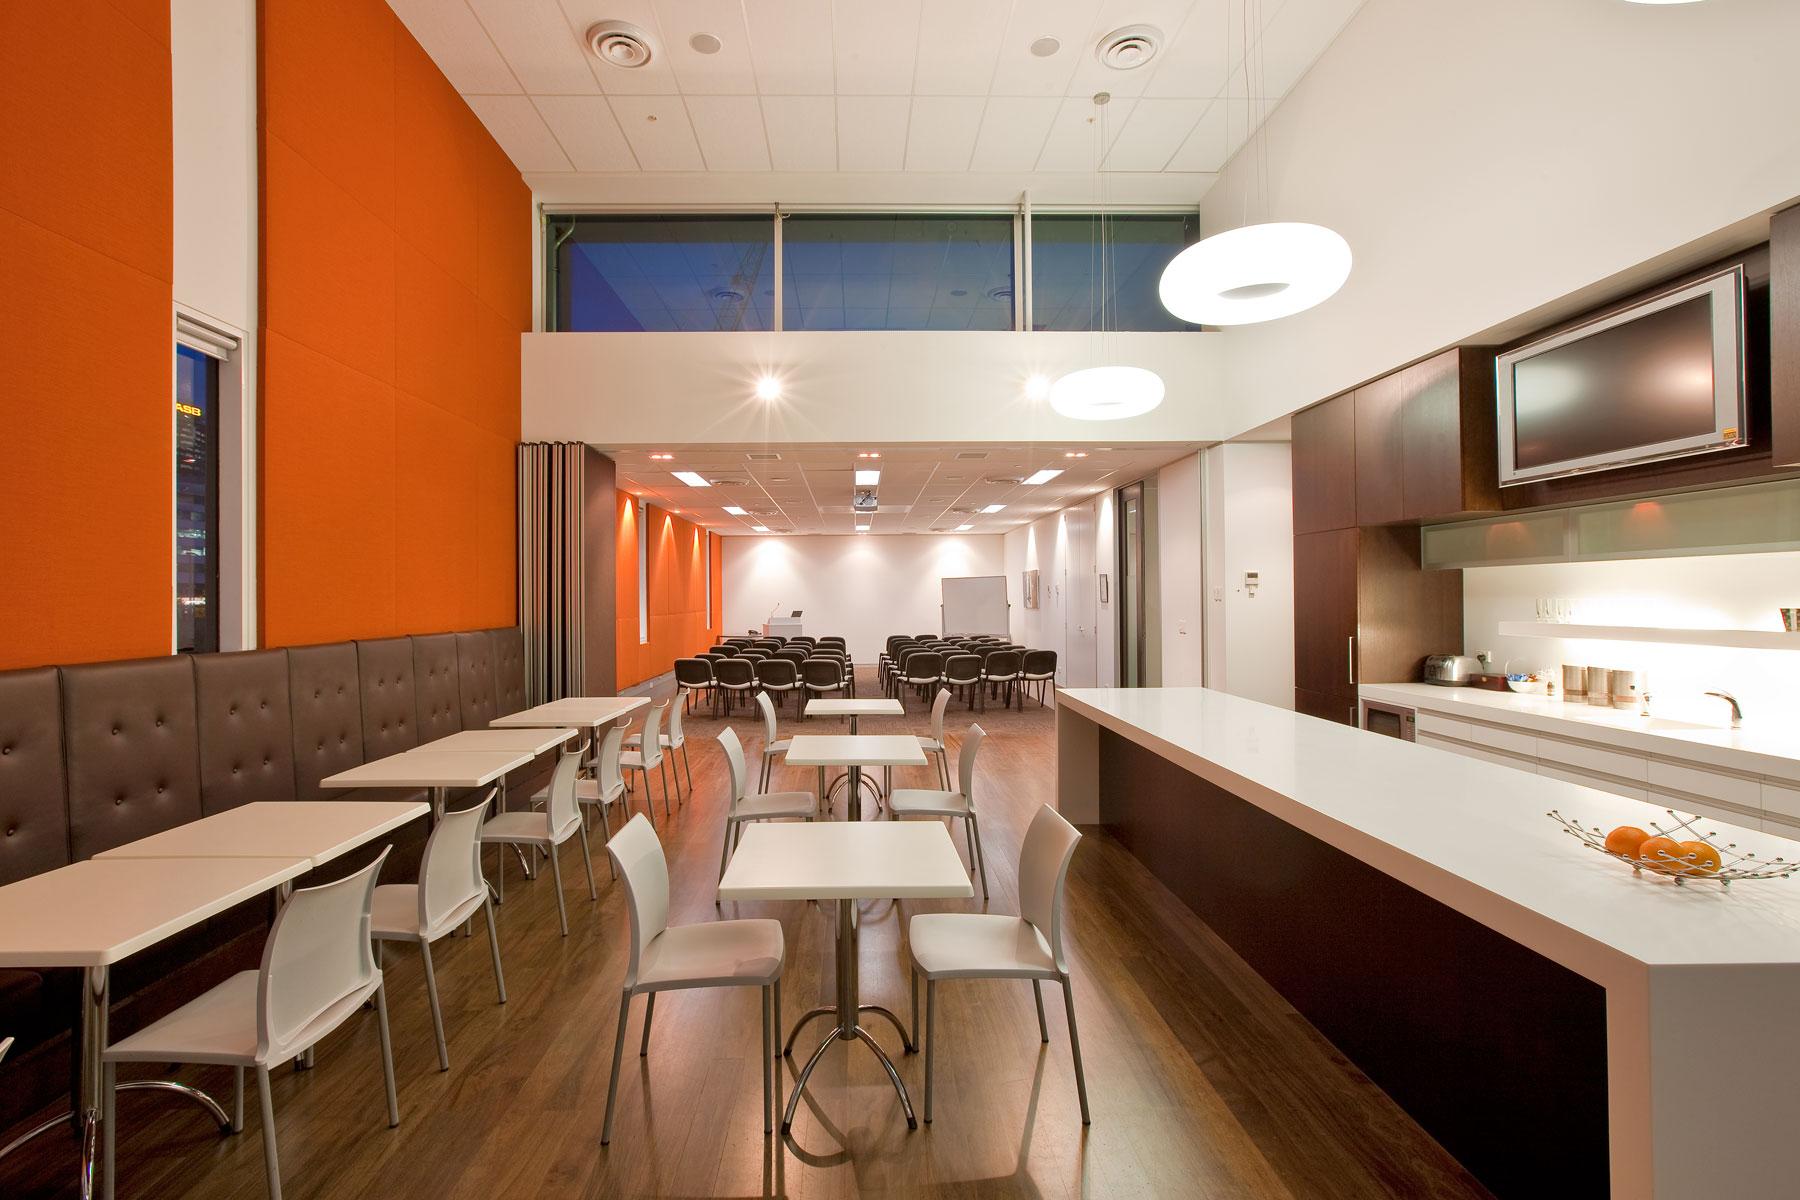 G  Leuschke Kahn Architects_GrantThornton LKA__13Y8000.jpg